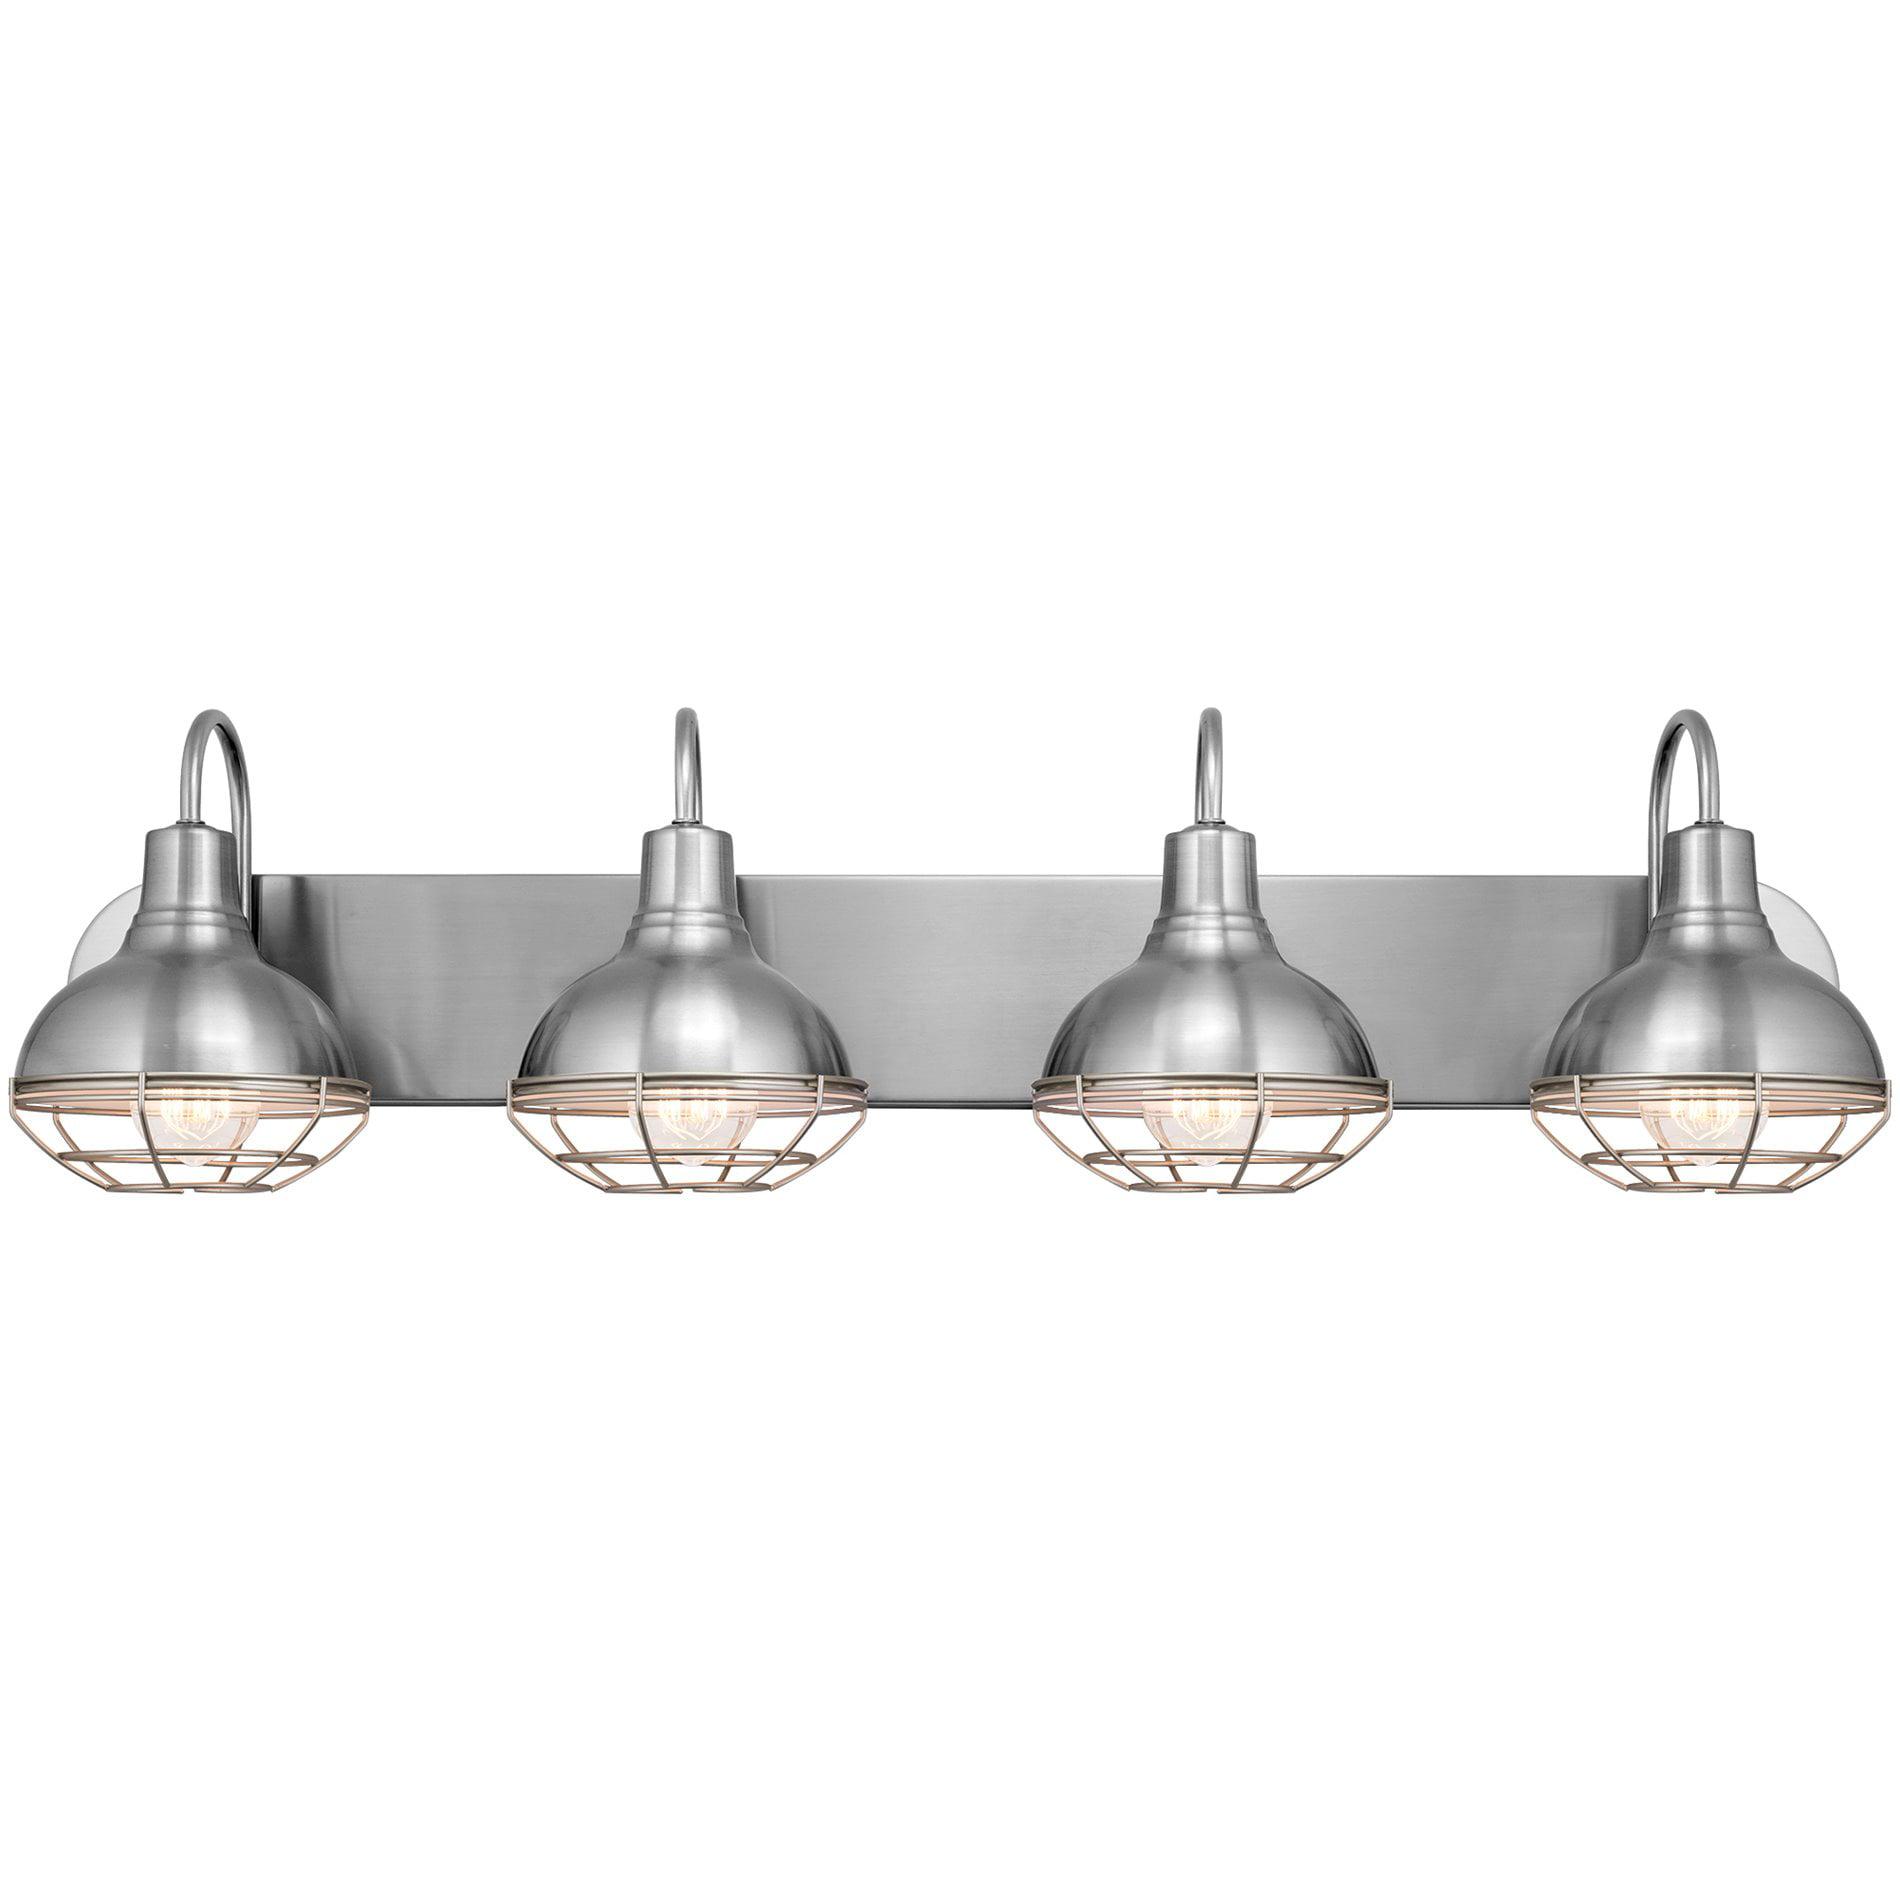 Kira Home Liberty 36 4 Light Modern, Modern Bathroom Light Fixtures Brushed Nickel